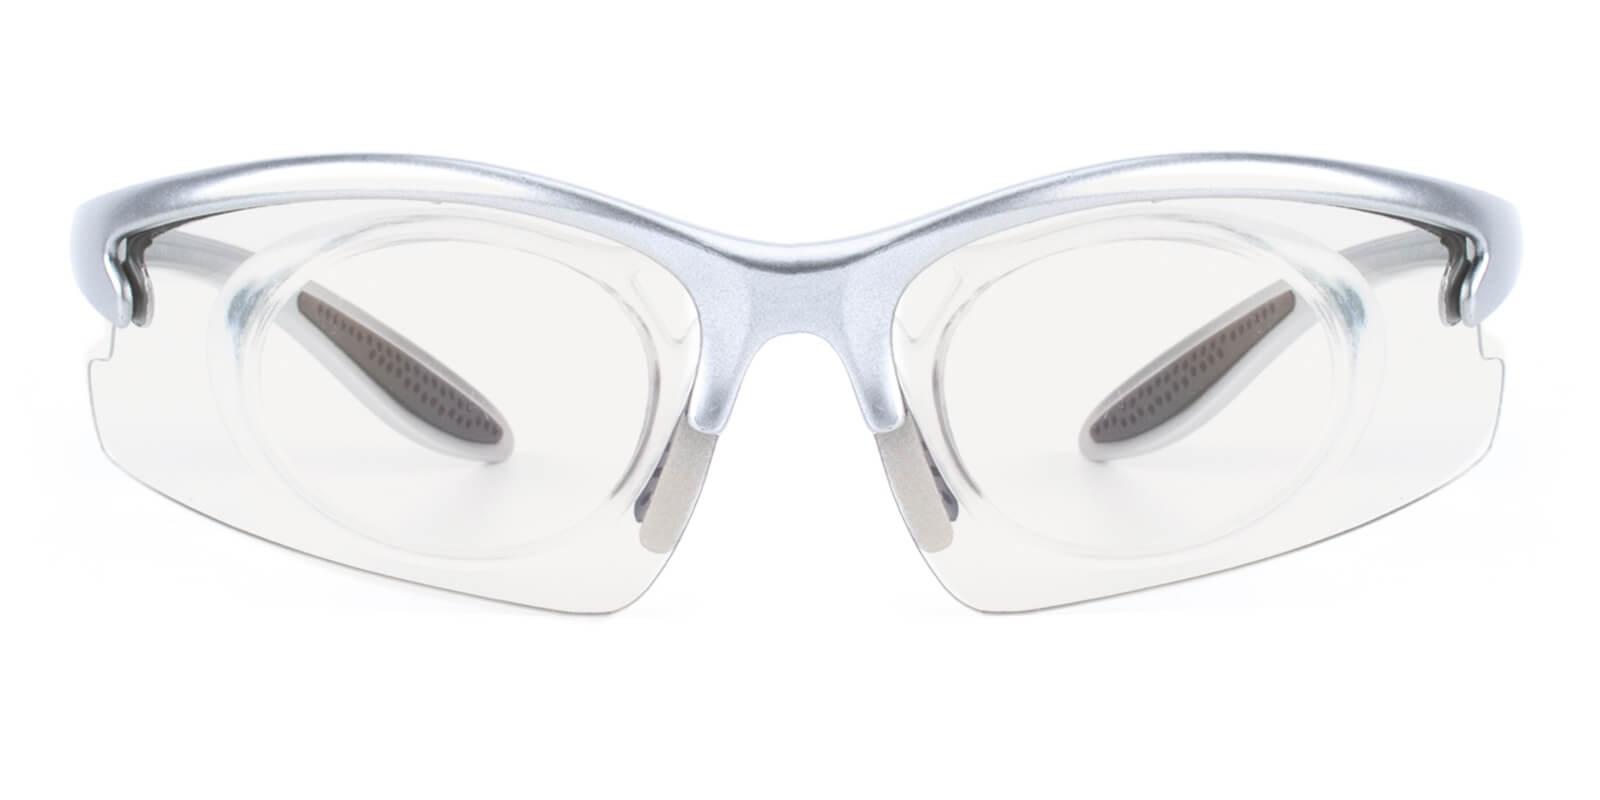 Windrise-Silver-Square-Plastic-SportsGlasses-additional2